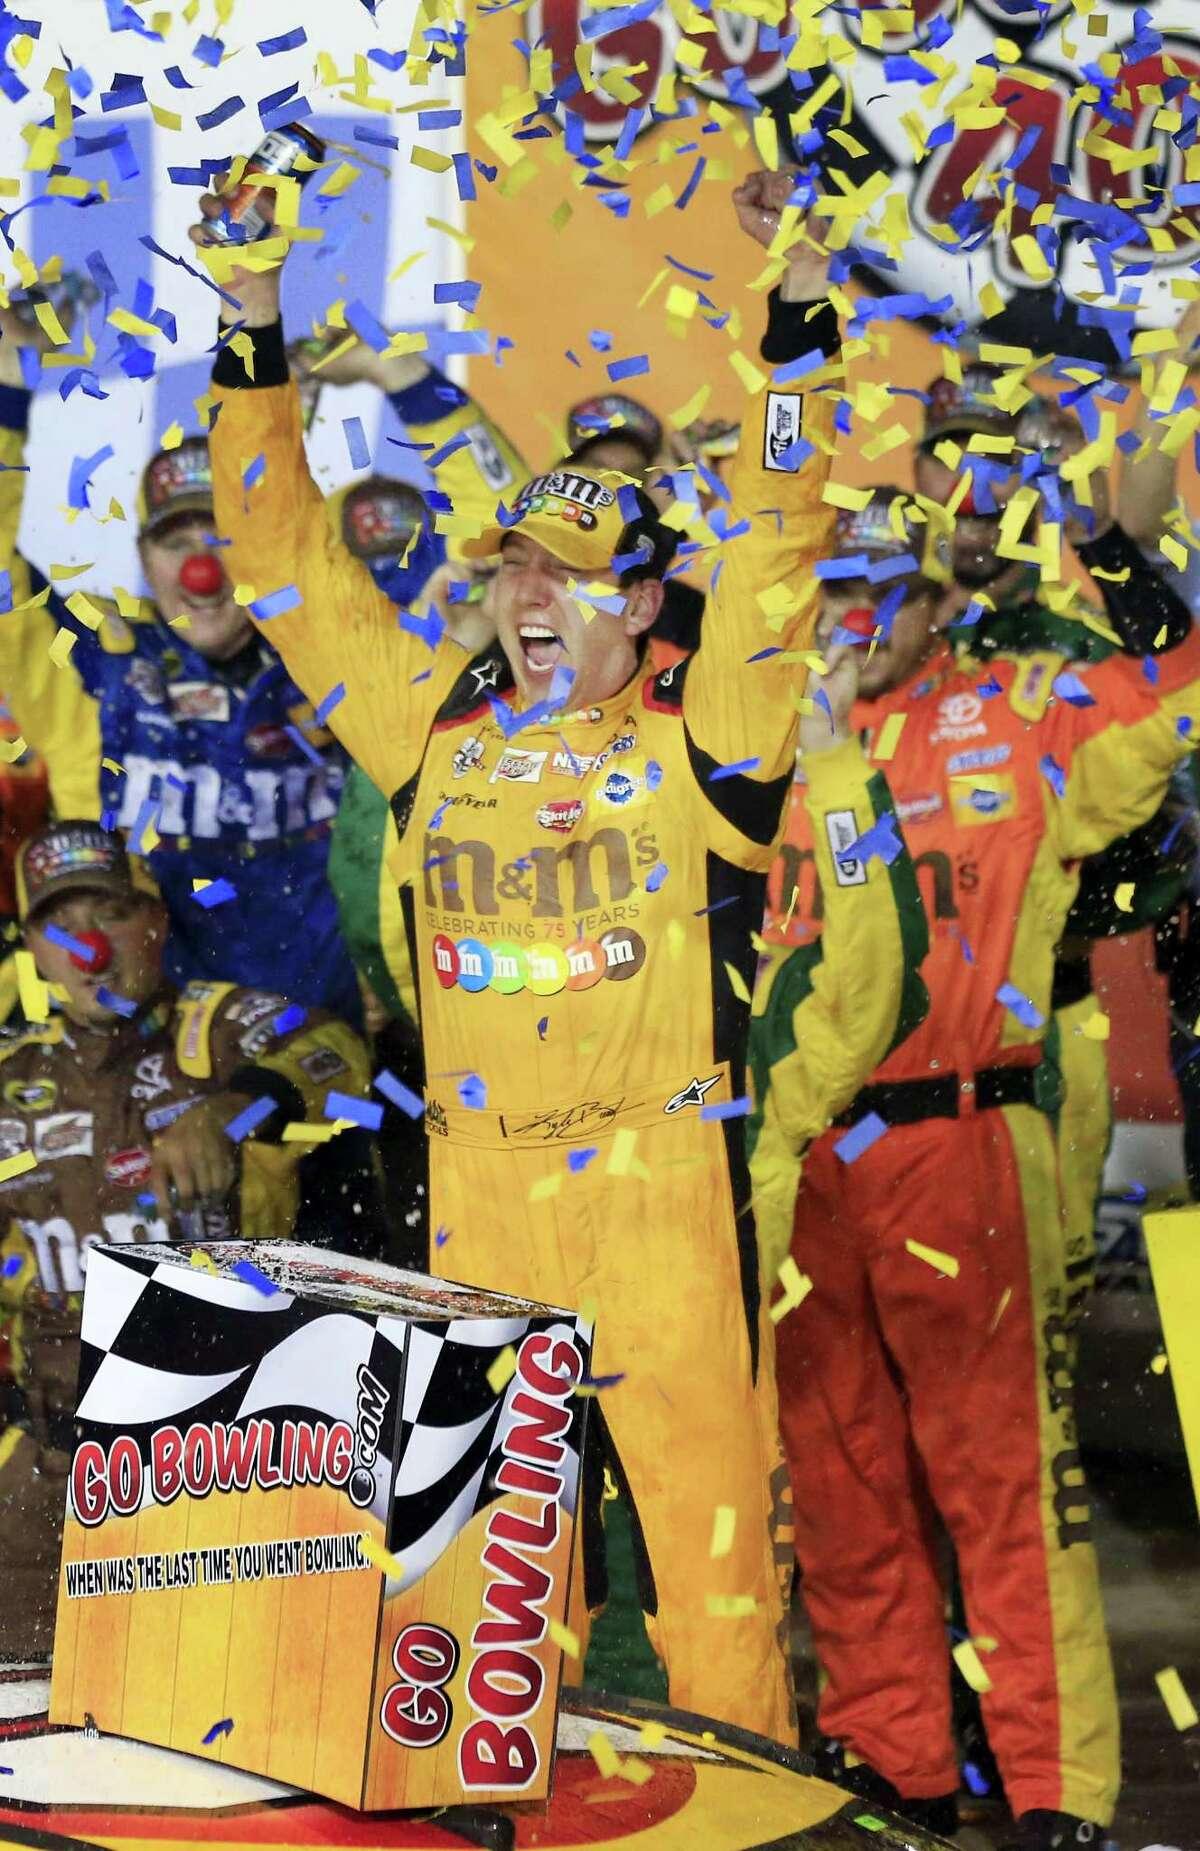 Kyle Busch celebrates after winning at Kansas Speedway on Saturday.